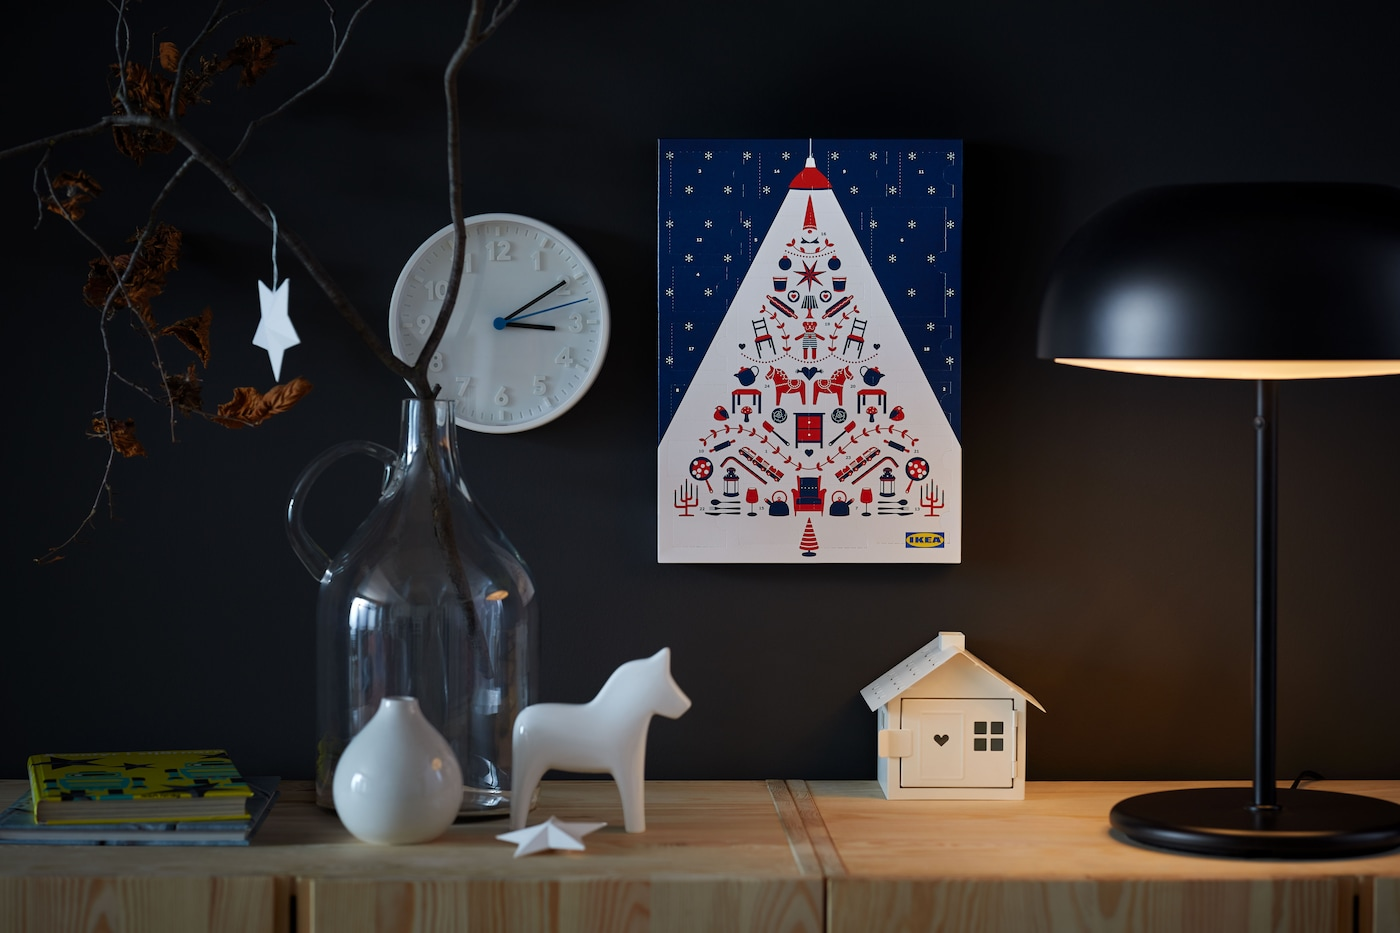 IKEA 2019 WEIHNACHTEN